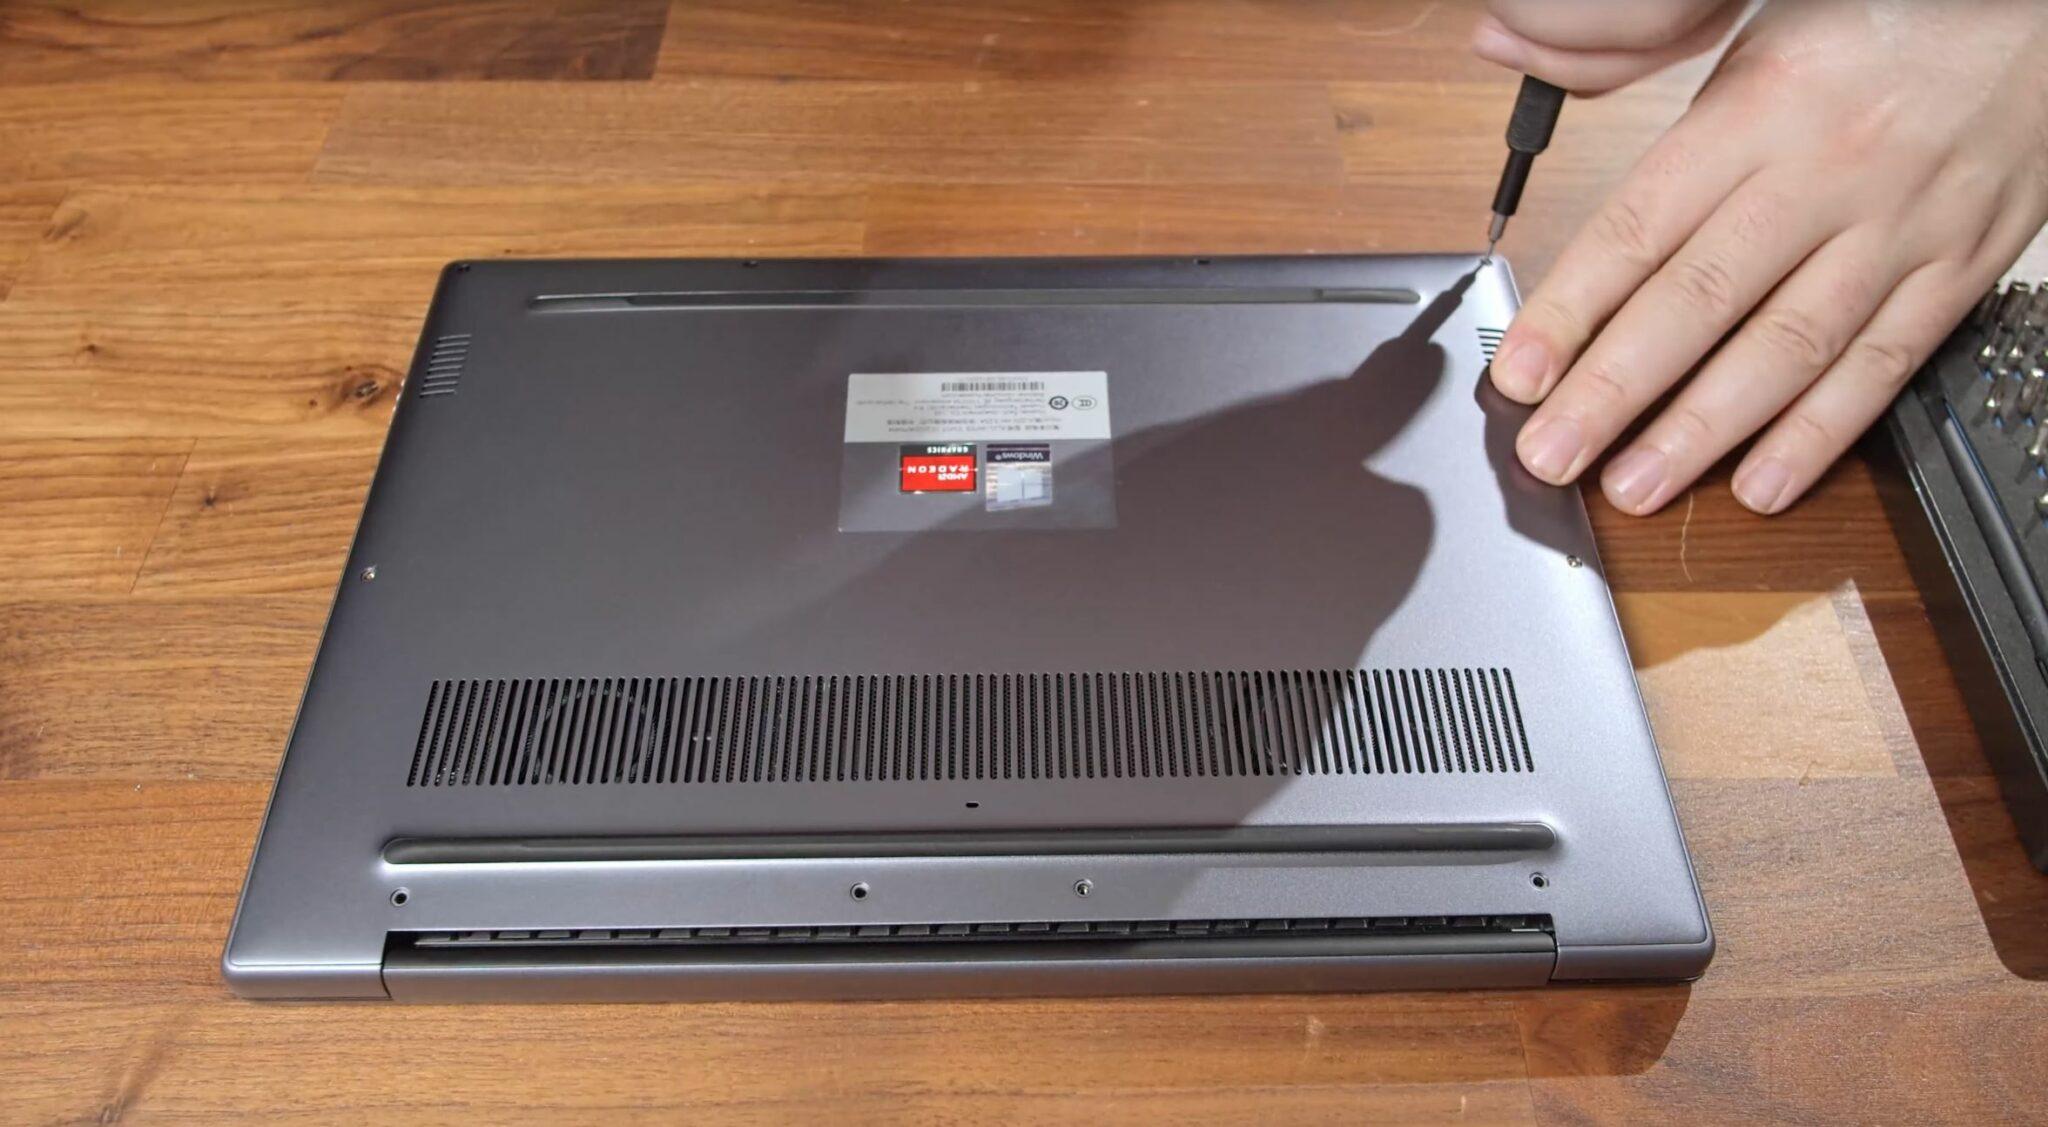 Huawei MateBook 14 AMD Ryzen 7 4800H Aufrüsten